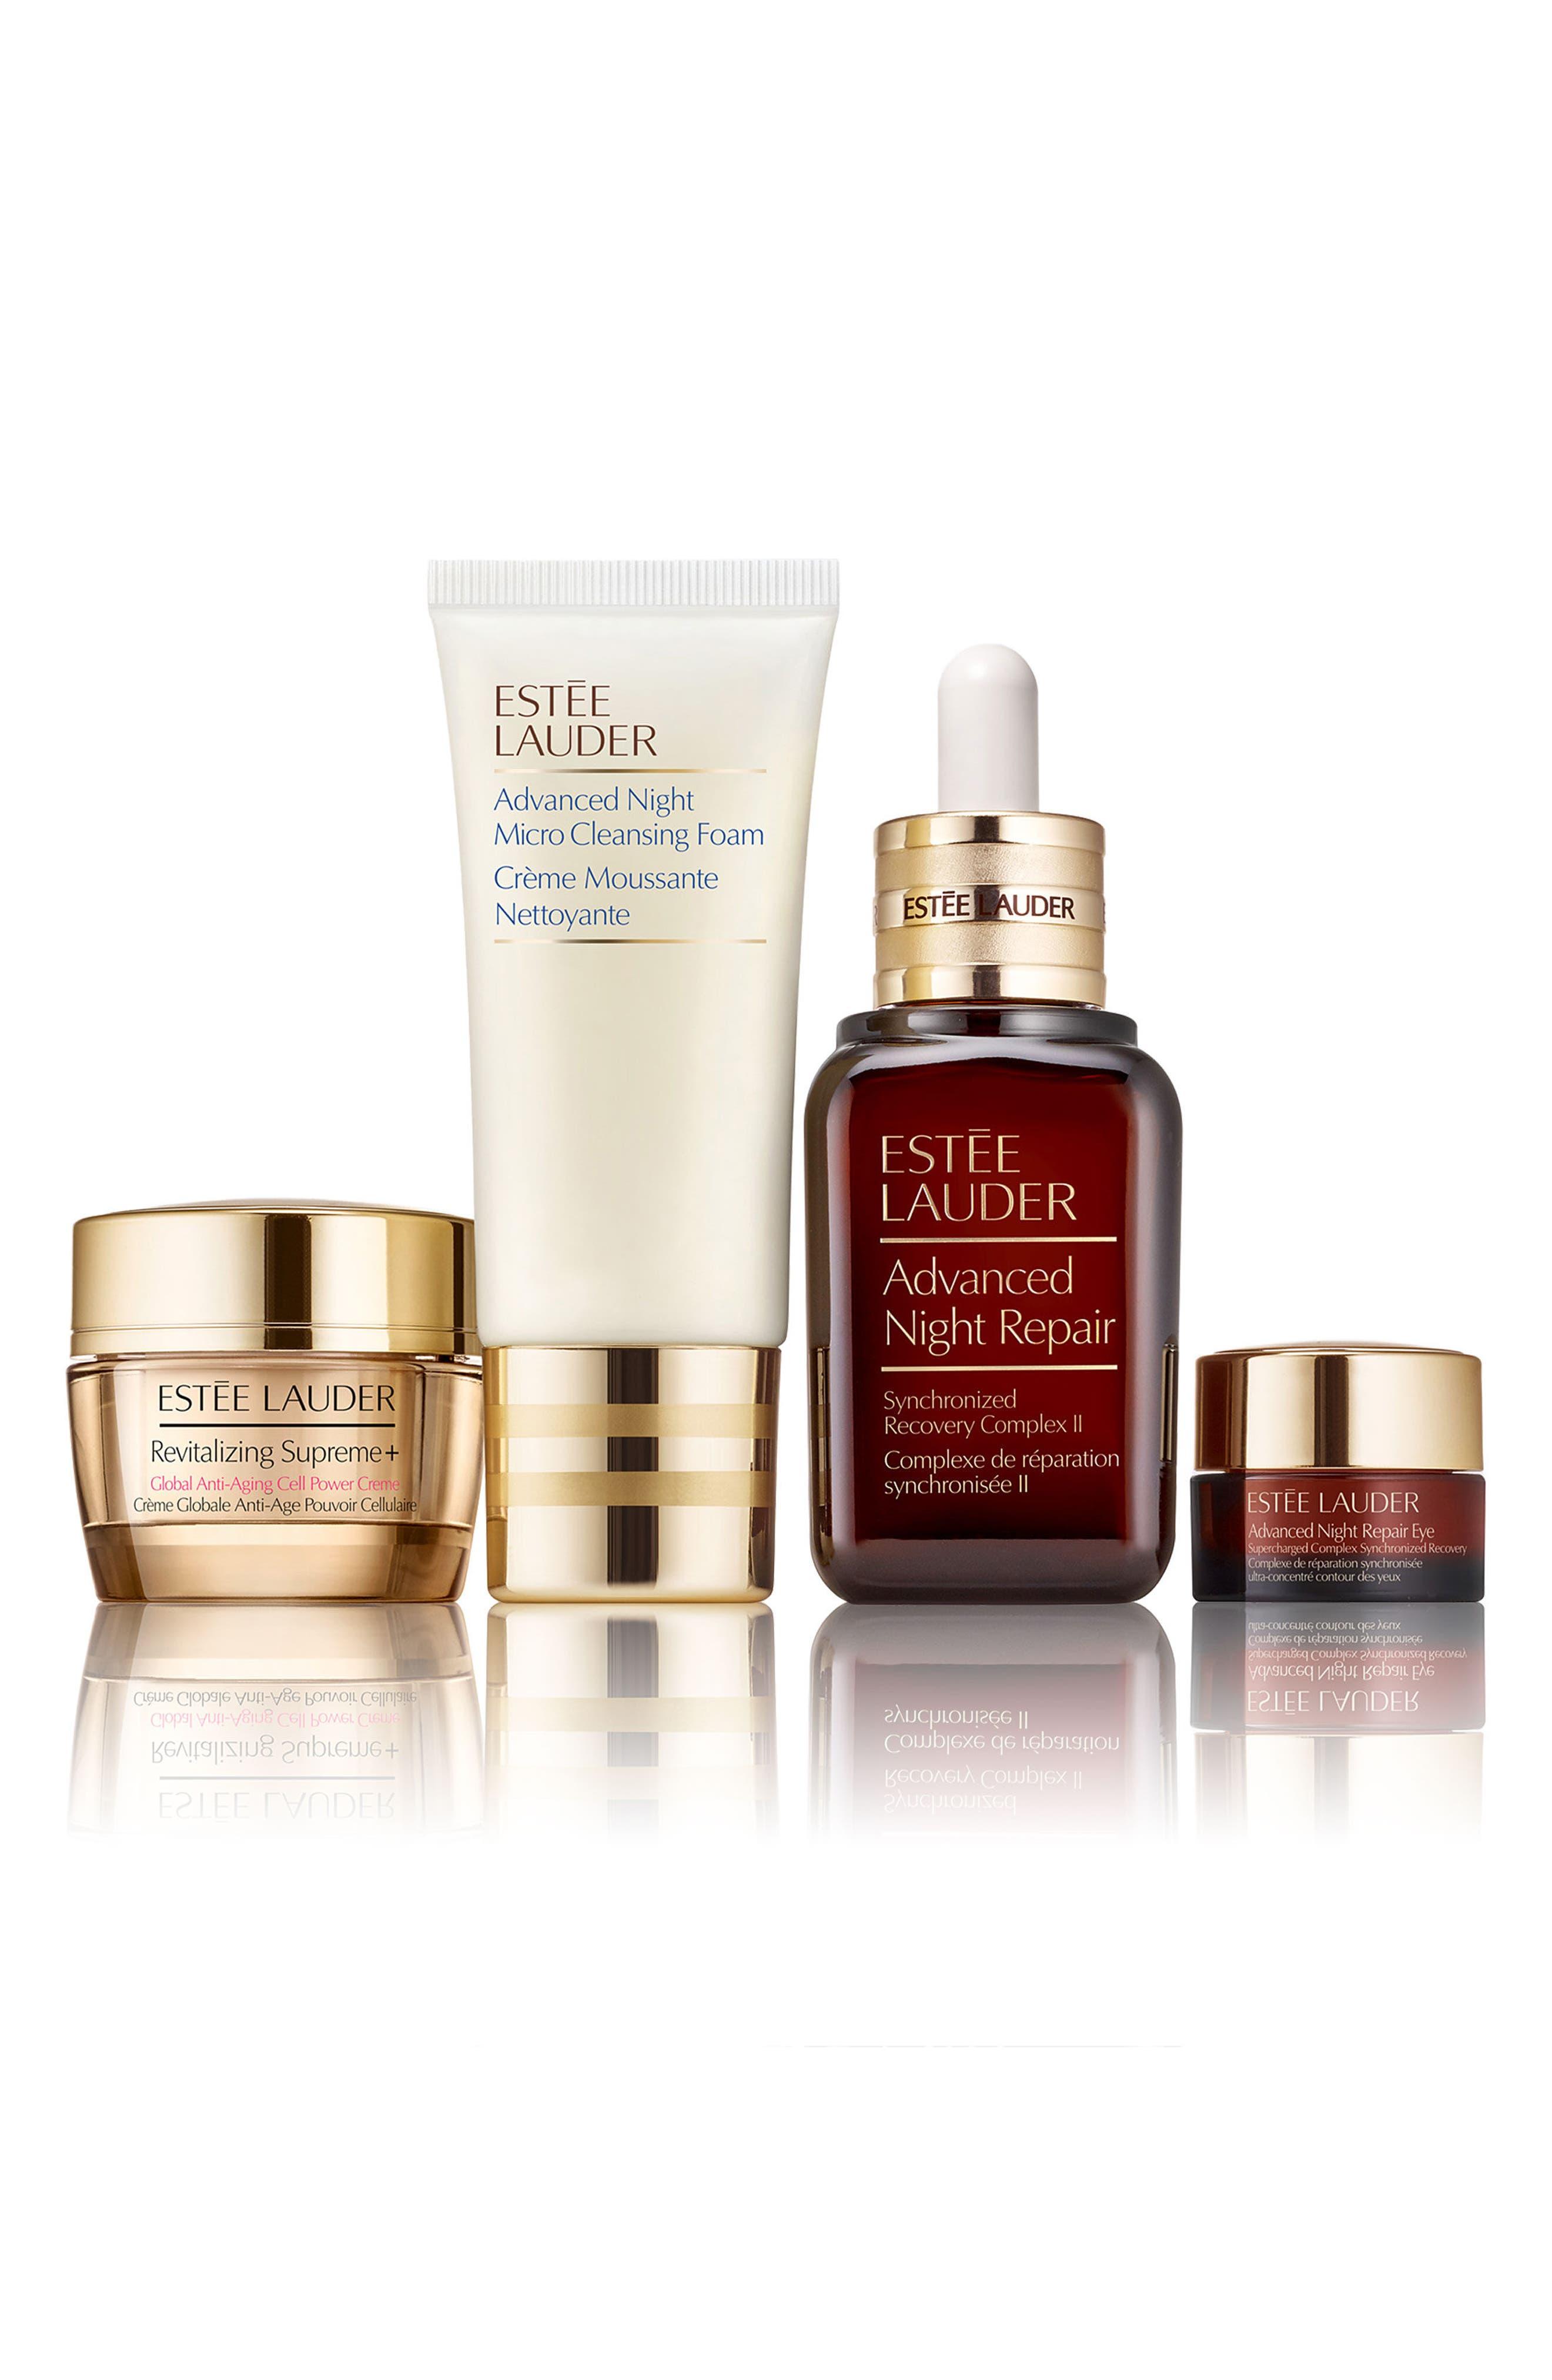 Estee lauder for mature skin